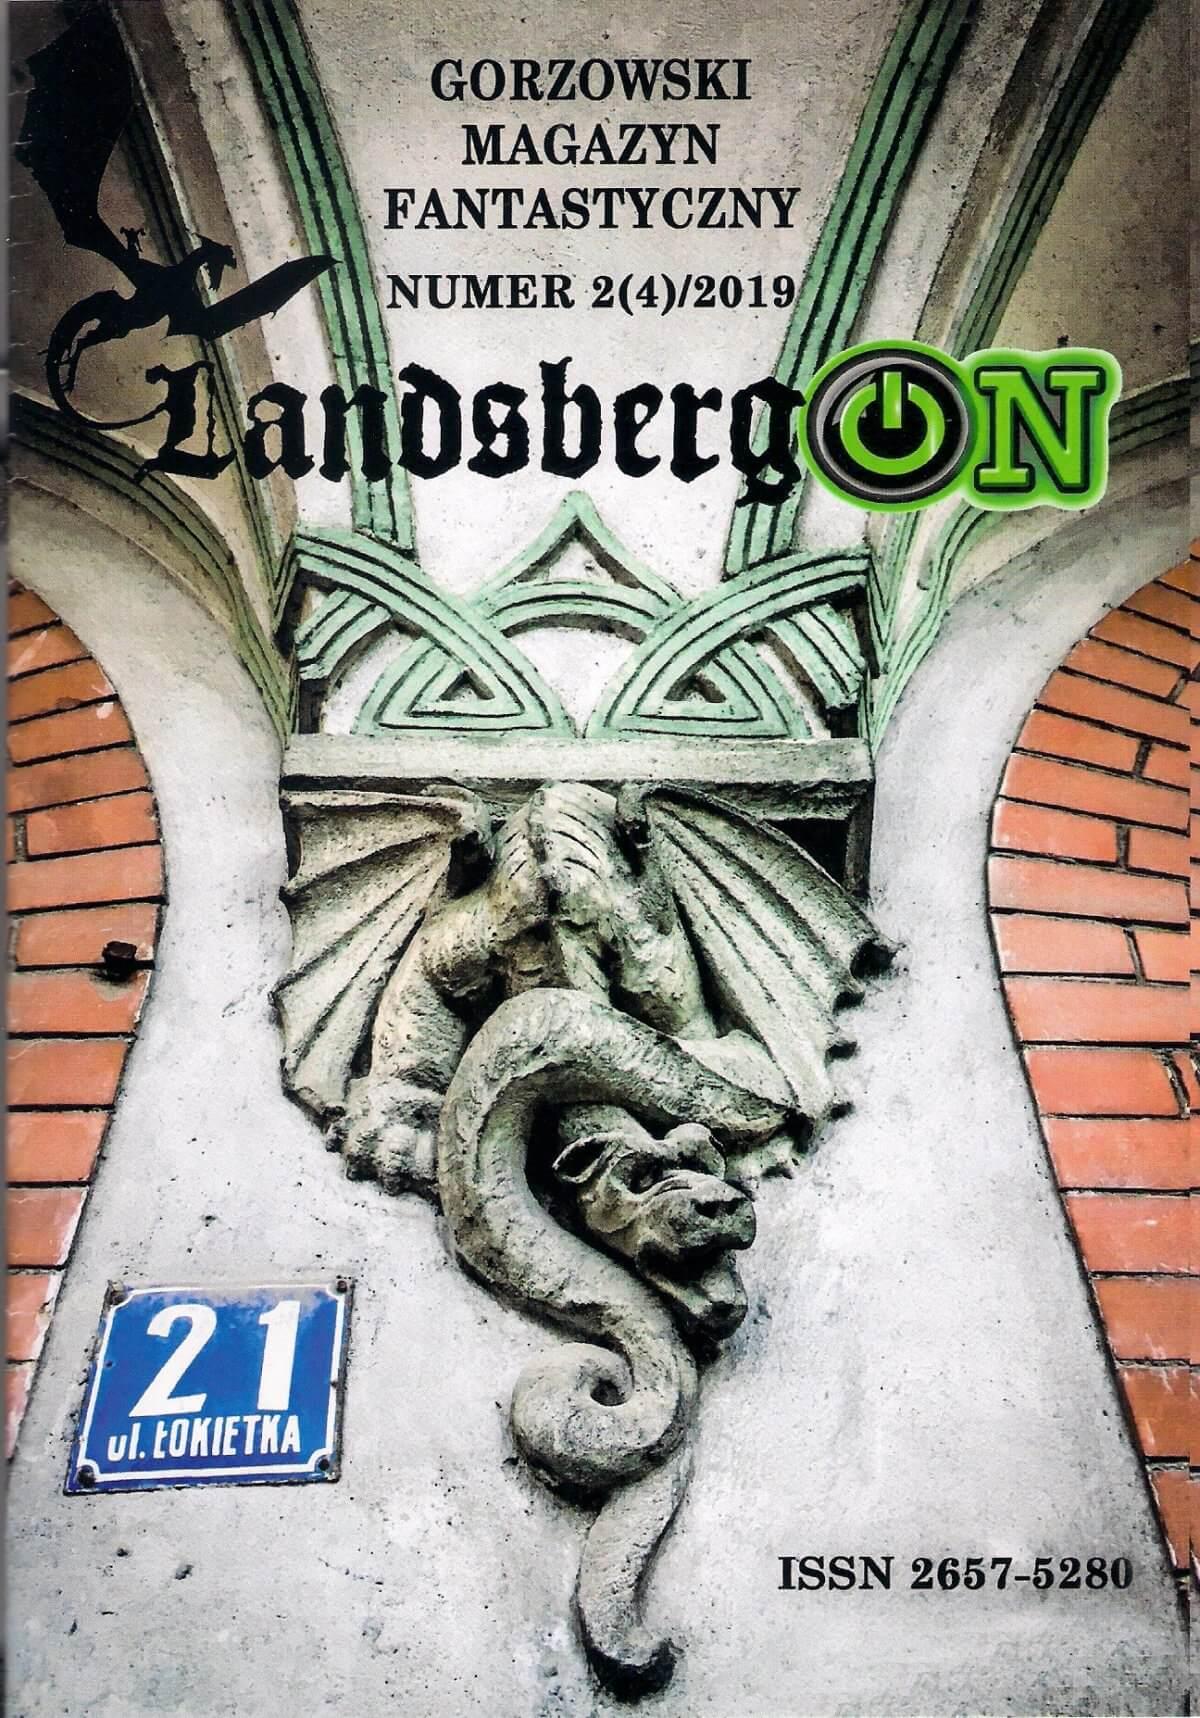 """Na okładce czwartego numeru """"LandbergONu"""" widnieje element dekoracji z domu przy ul. Łokietka 21: wstrętny smok z otwartą paszczą, poskręcanym cielskiem, rozpostartymi skrzydłami i ciężkimi łapami z ostrymi pazurami. Ten element secesyjnej dekoracji budynku pochodzącego z przełomu XIX i XX wieku świadczy, że dawni mieszkańcy Landsbergu także lubili fantastykę, a może również grozę."""